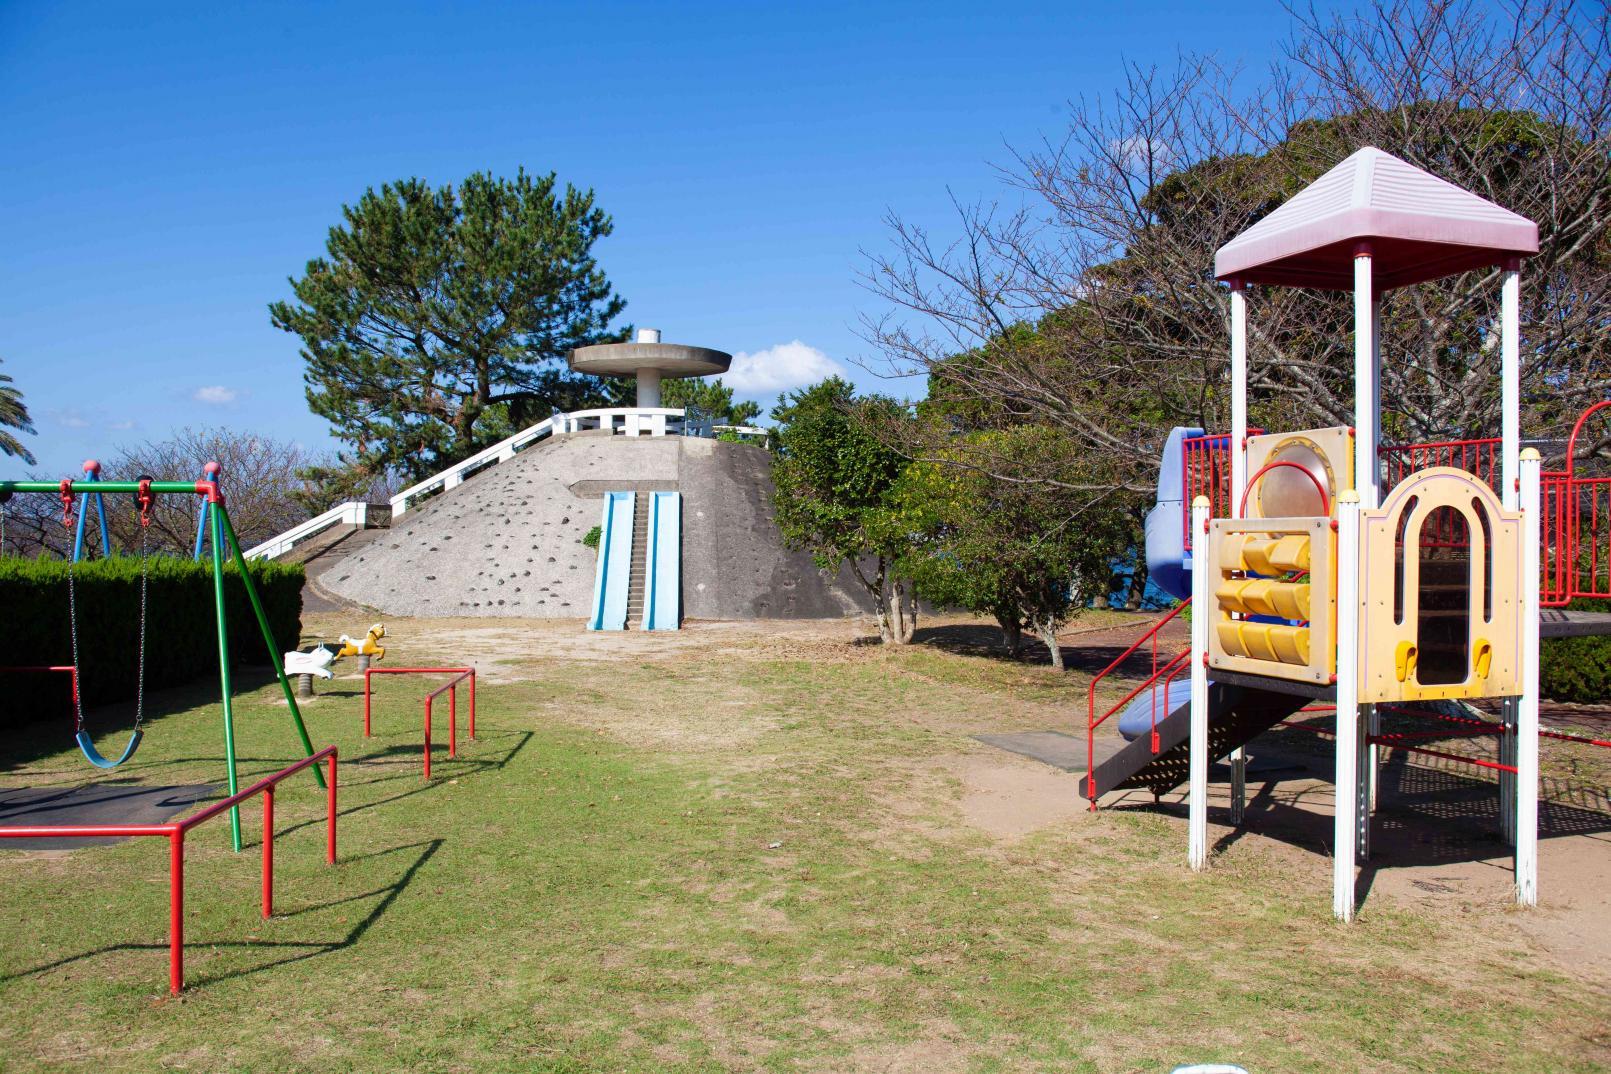 郷ノ浦港から徒歩10分ほどで行ける弁天崎公園-1